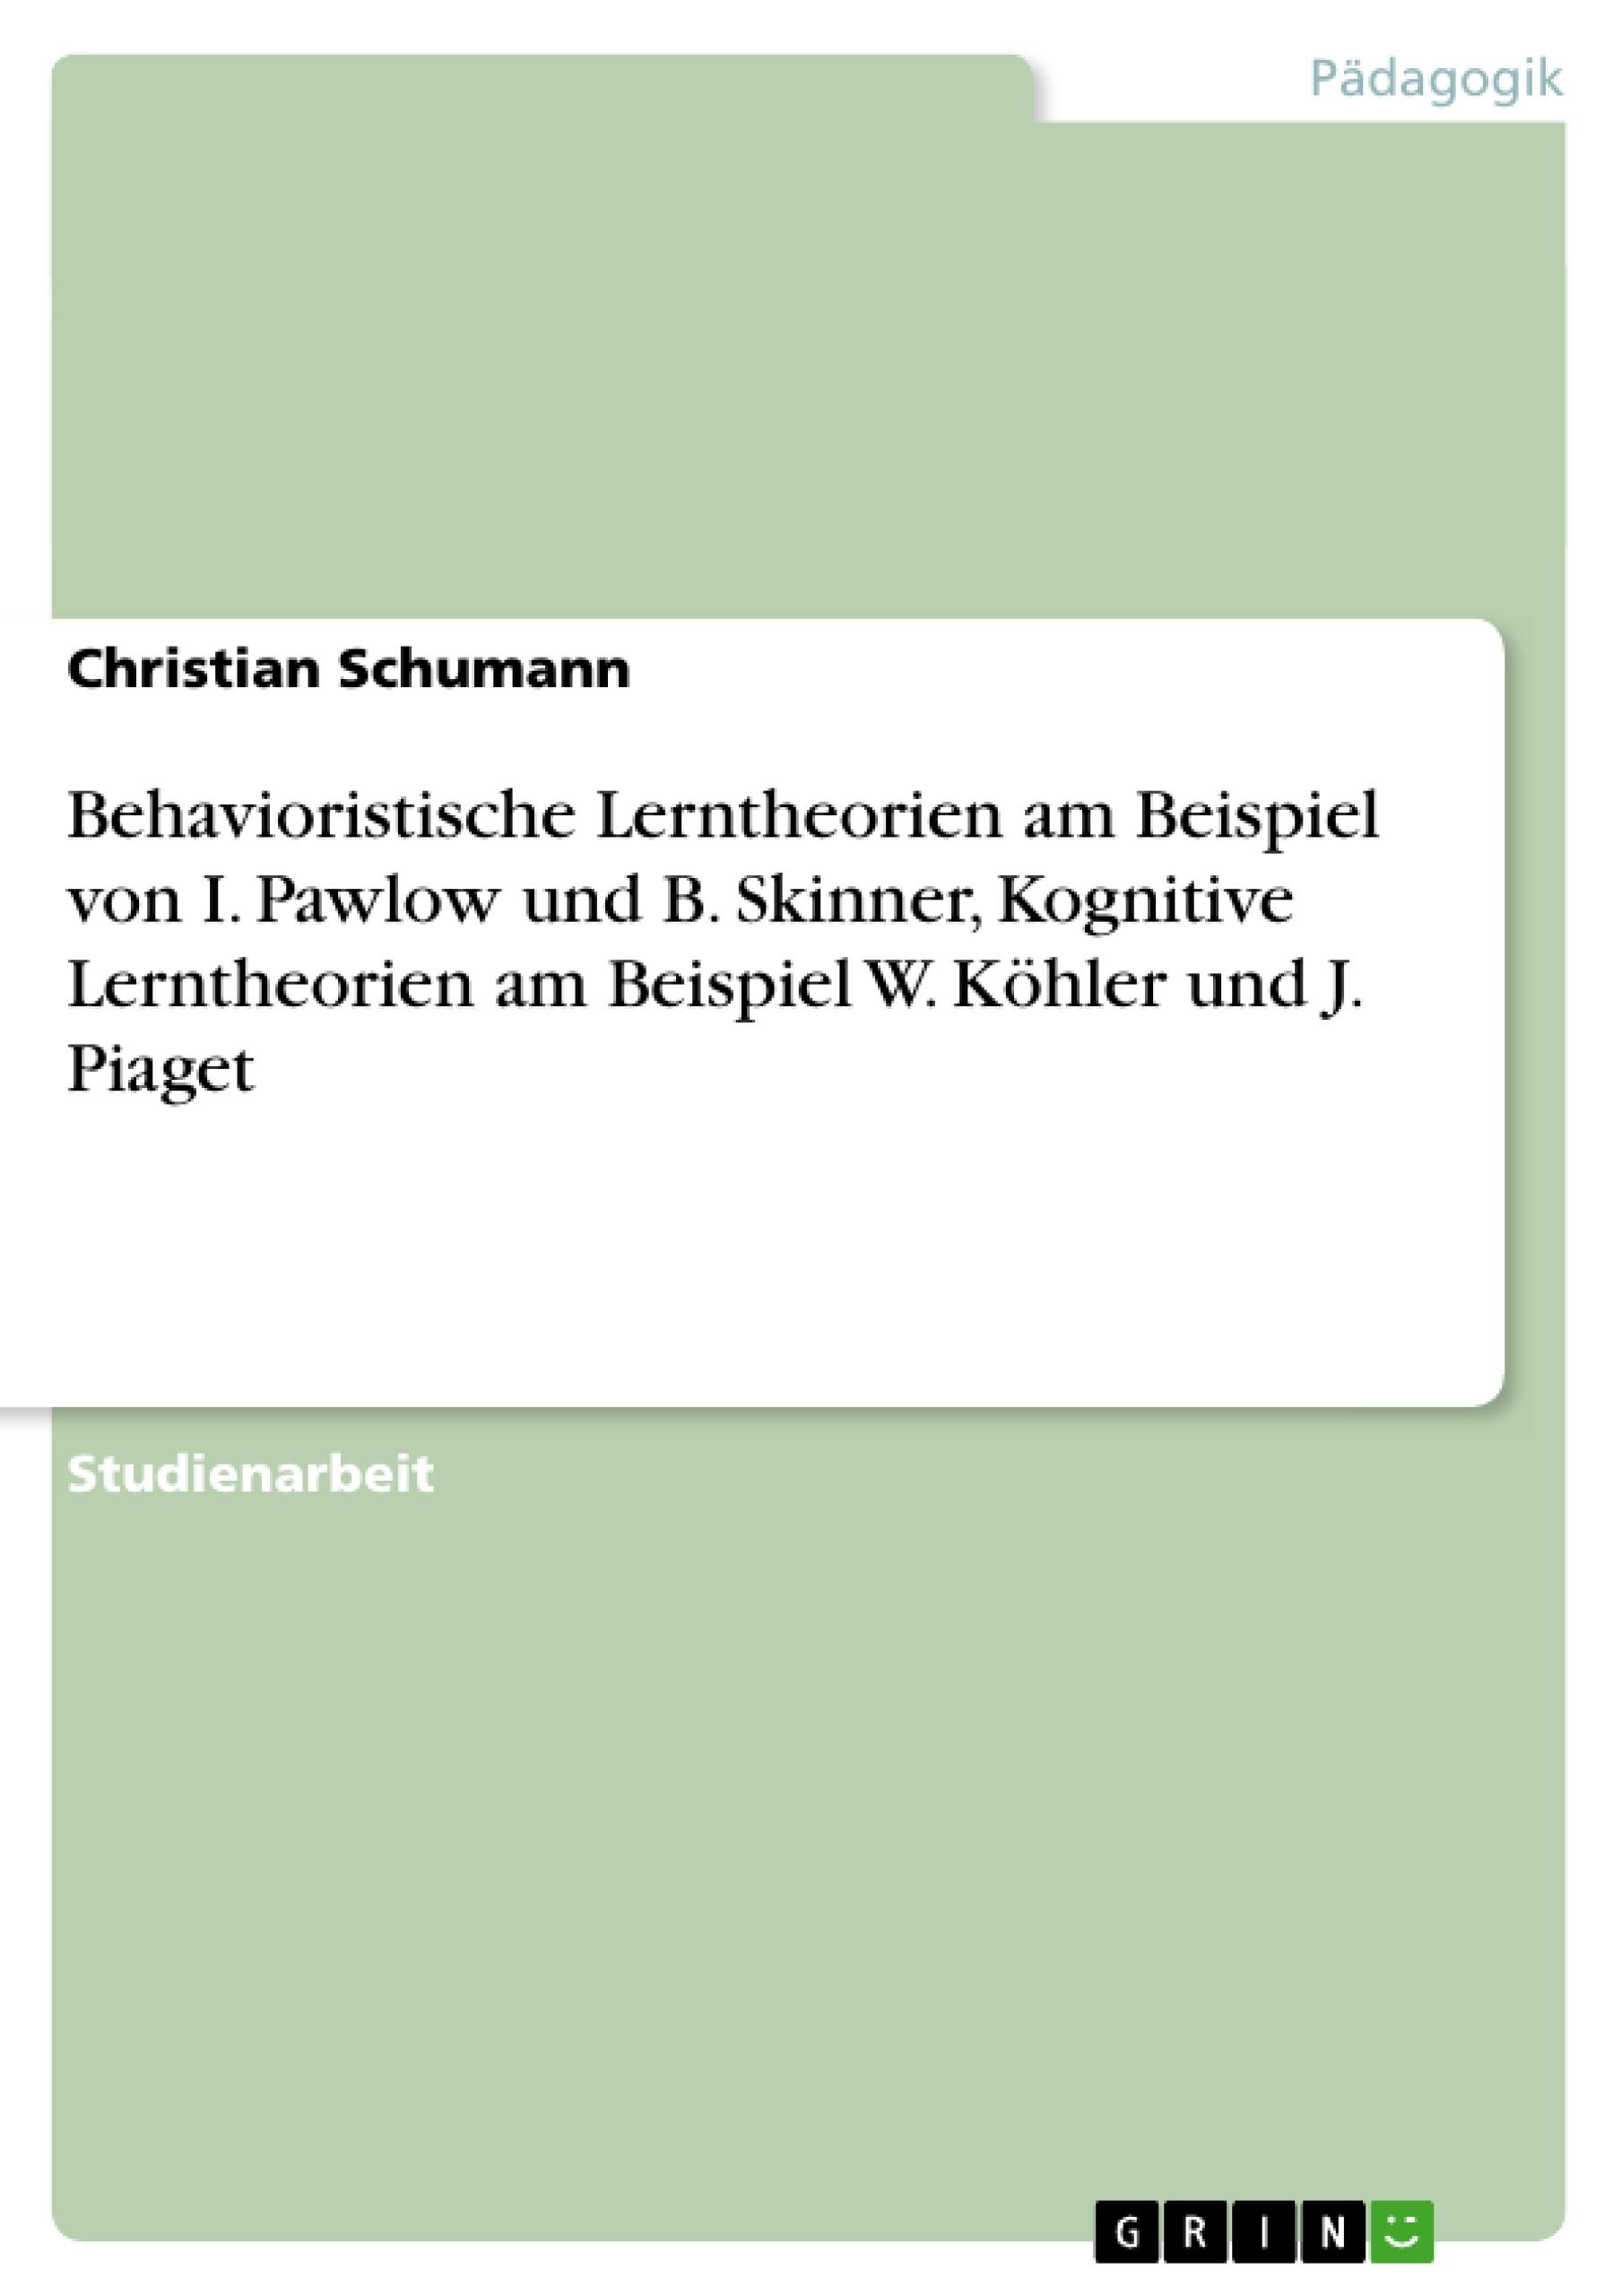 Titel: Behavioristische Lerntheorien am Beispiel von I. Pawlow und B. Skinner, Kognitive Lerntheorien am Beispiel W. Köhler und J. Piaget